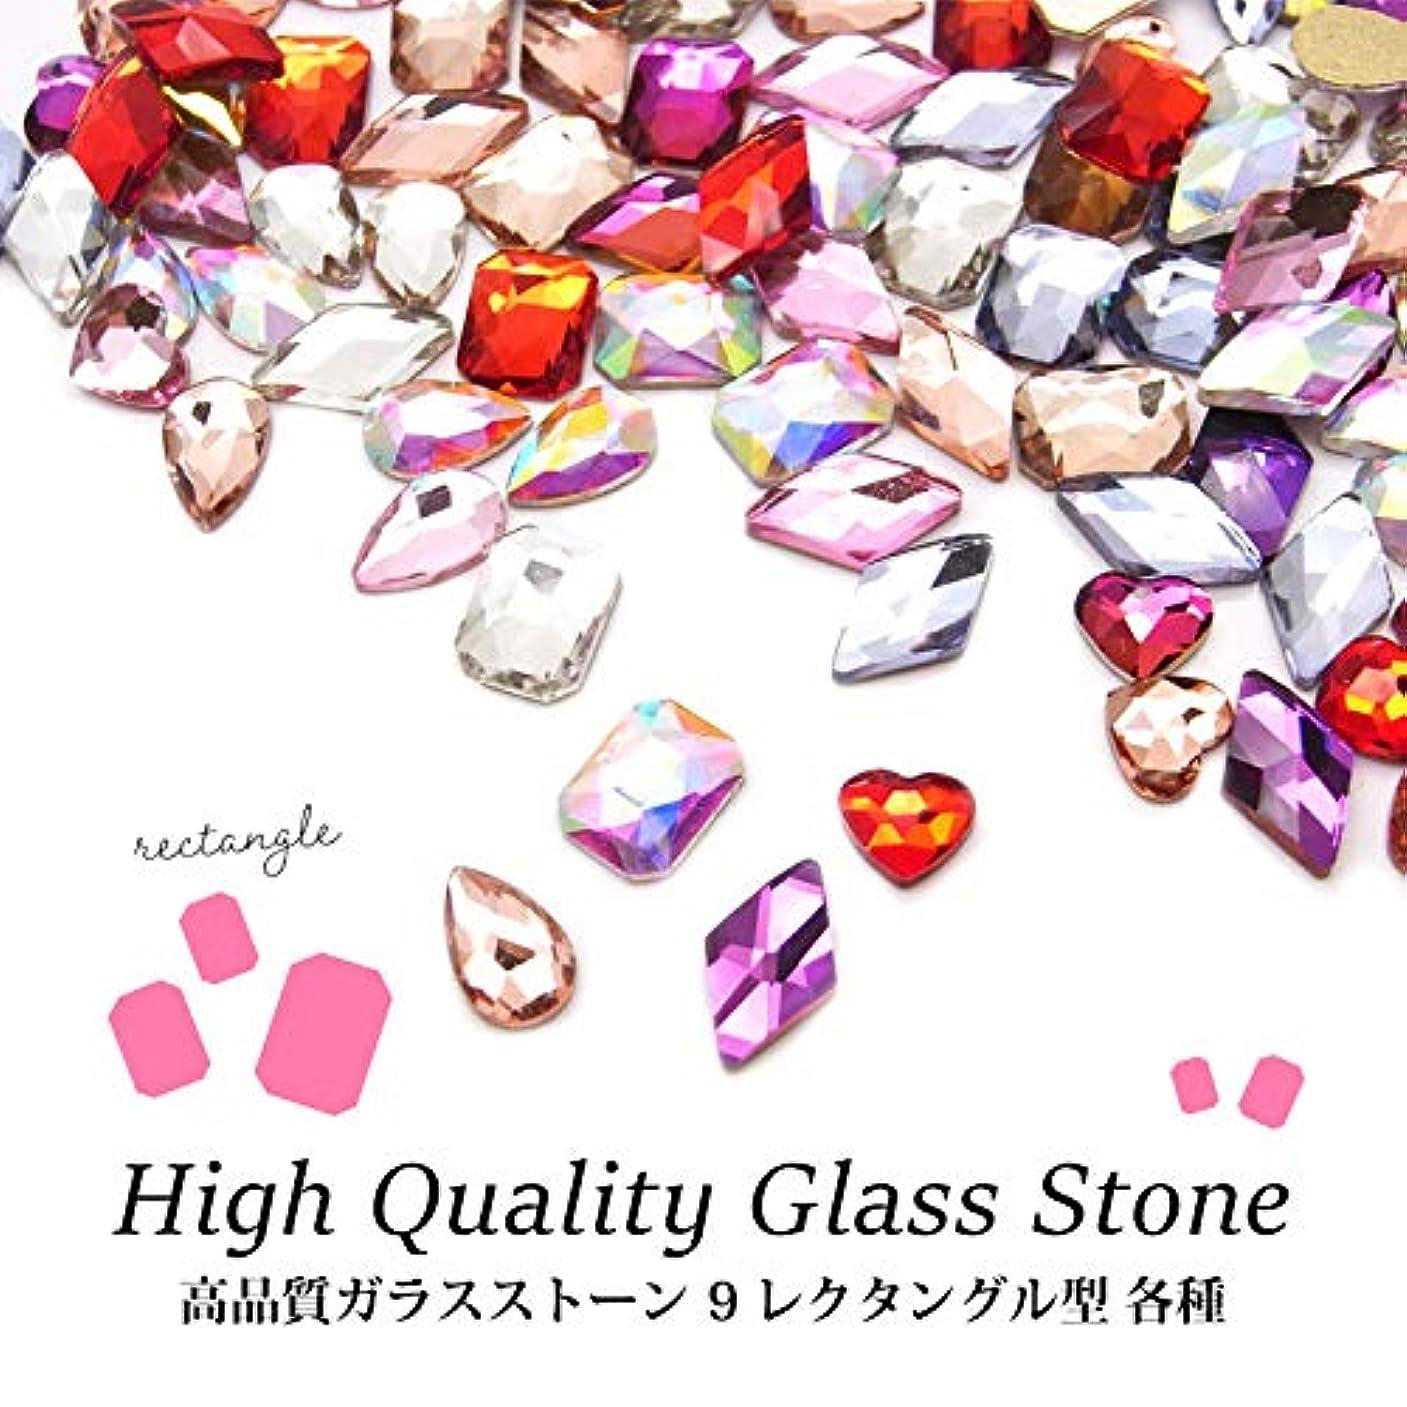 まっすぐ結論全部高品質ガラスストーン 9 レクタングル型 各種 5個入り (4.ライトシャム)